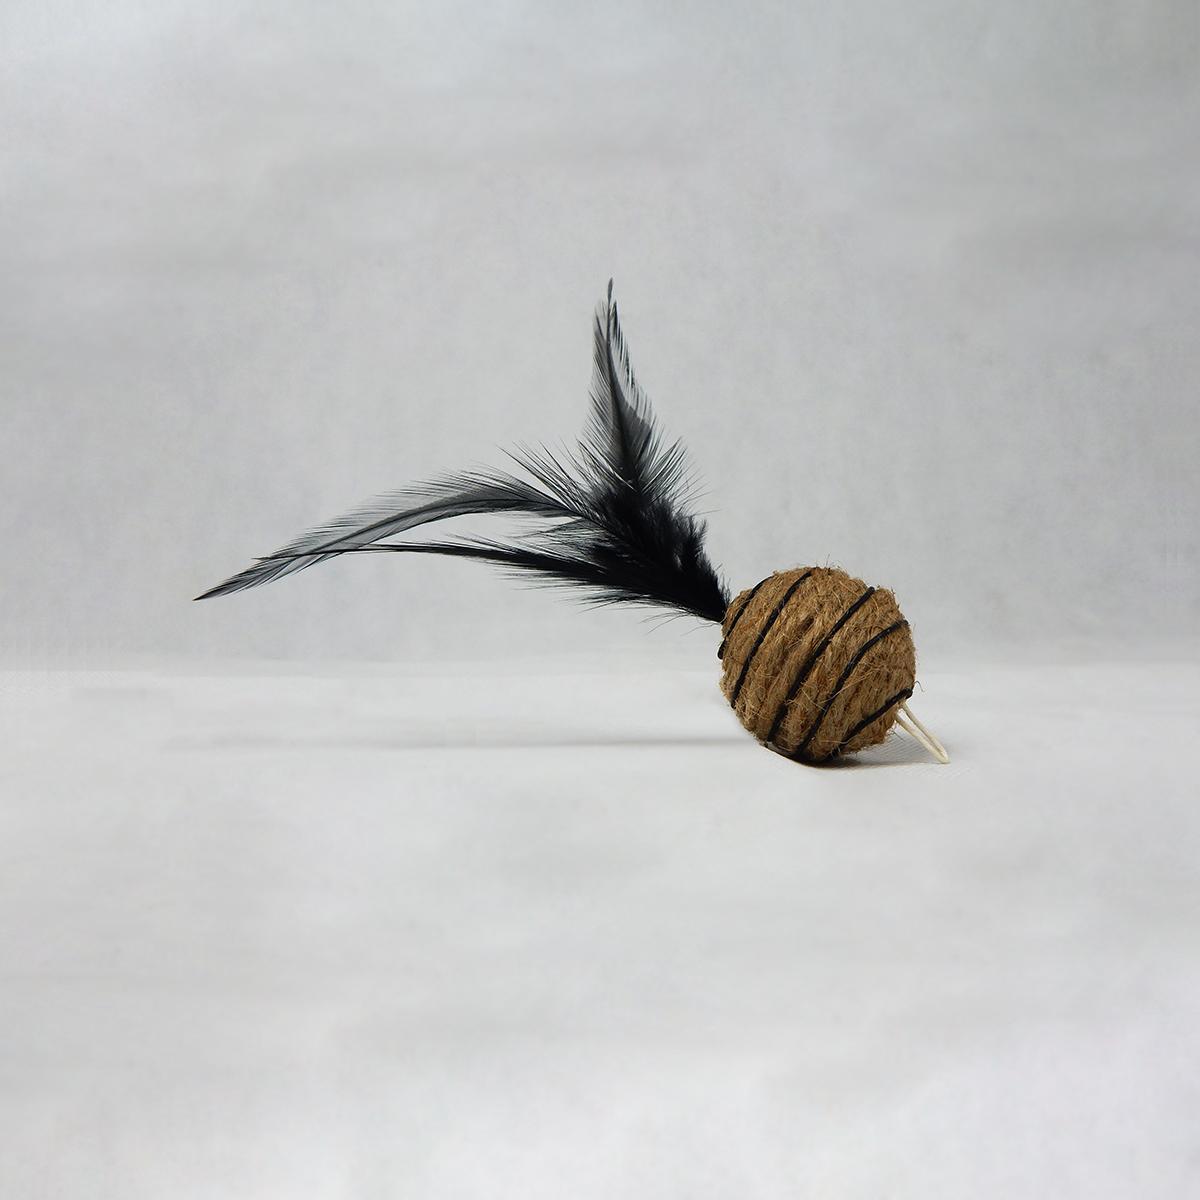 Gioco per gatti con bastoncino e pallina piumata nera